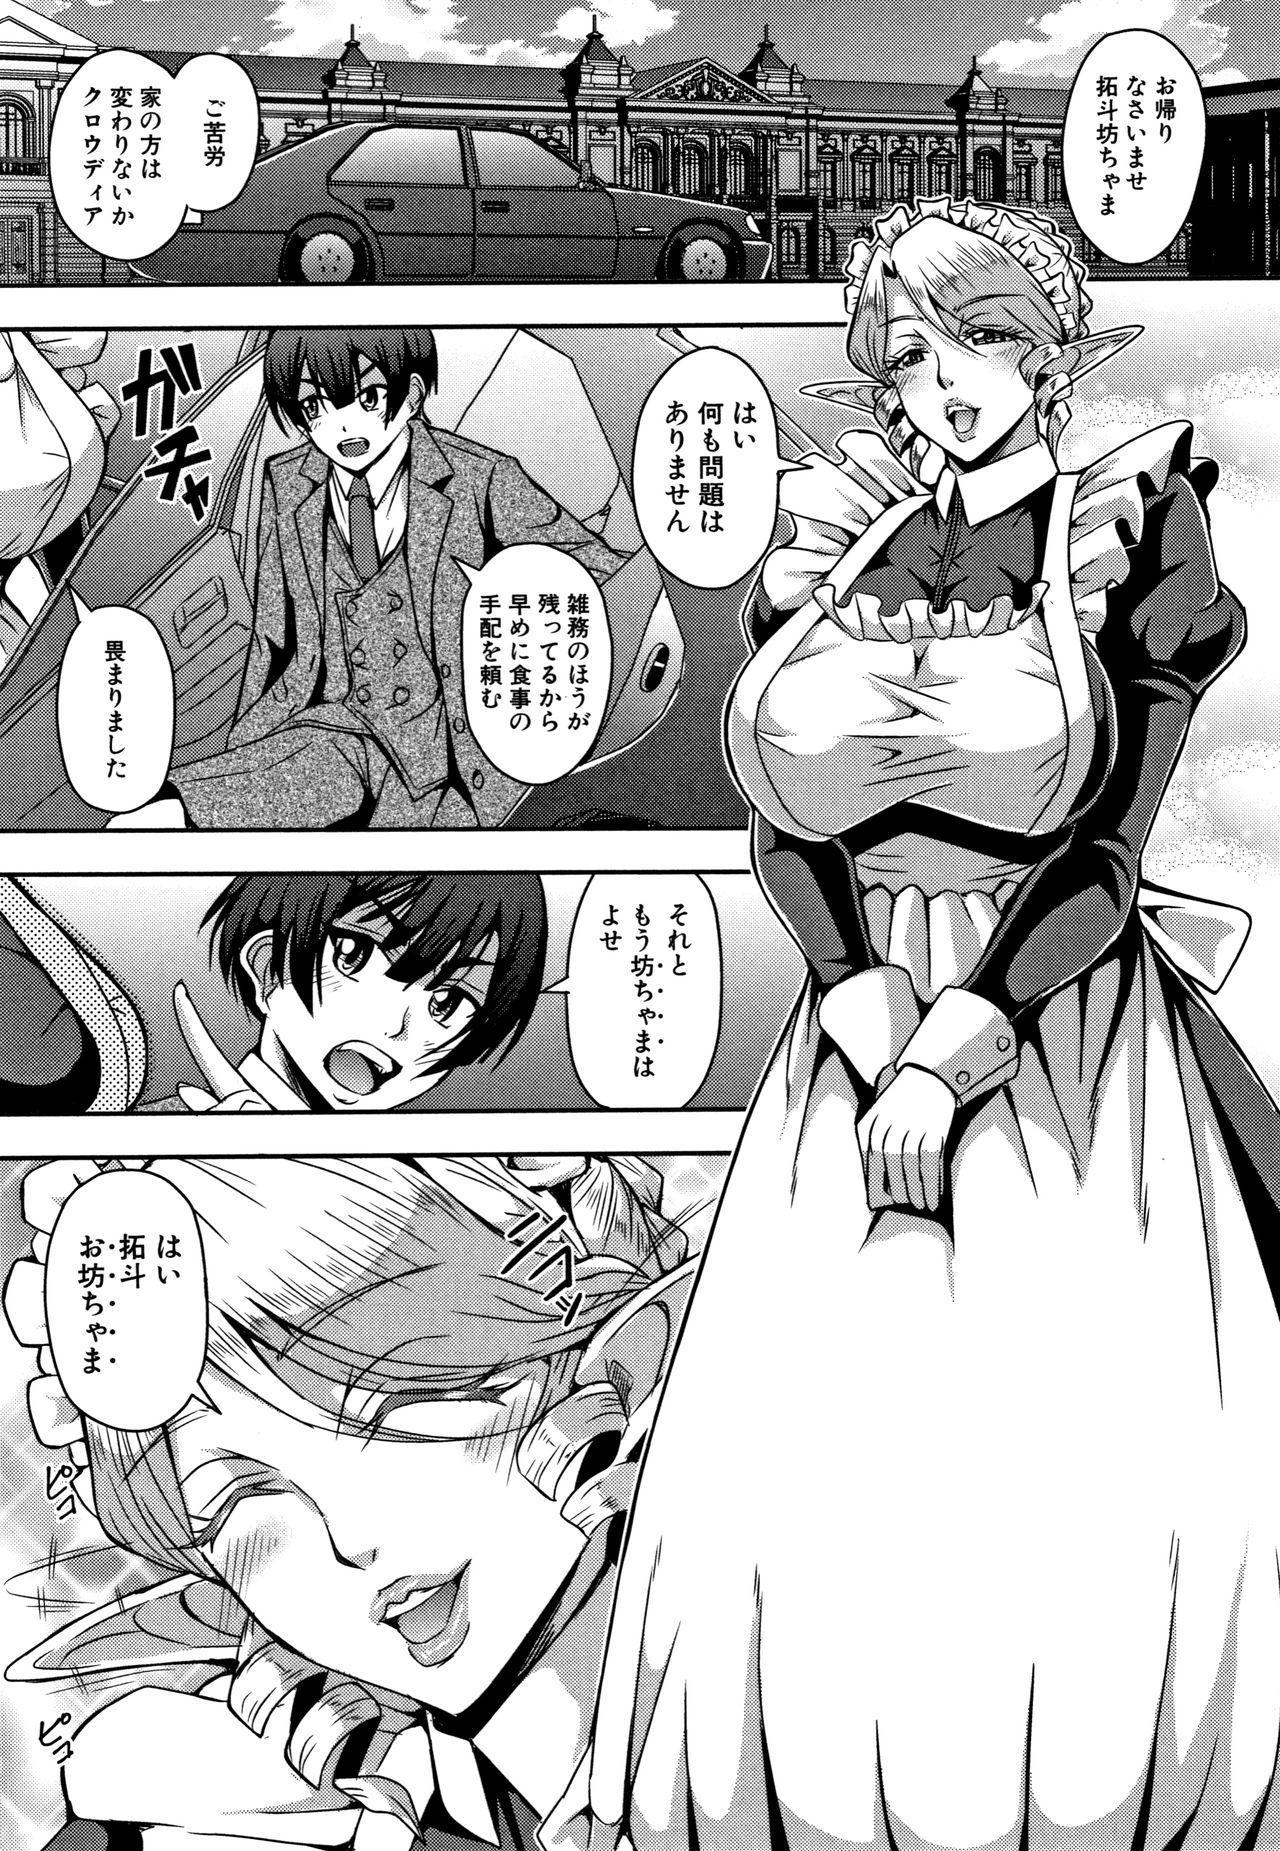 Elf Harem Monogatari - Elf Harem Story 128